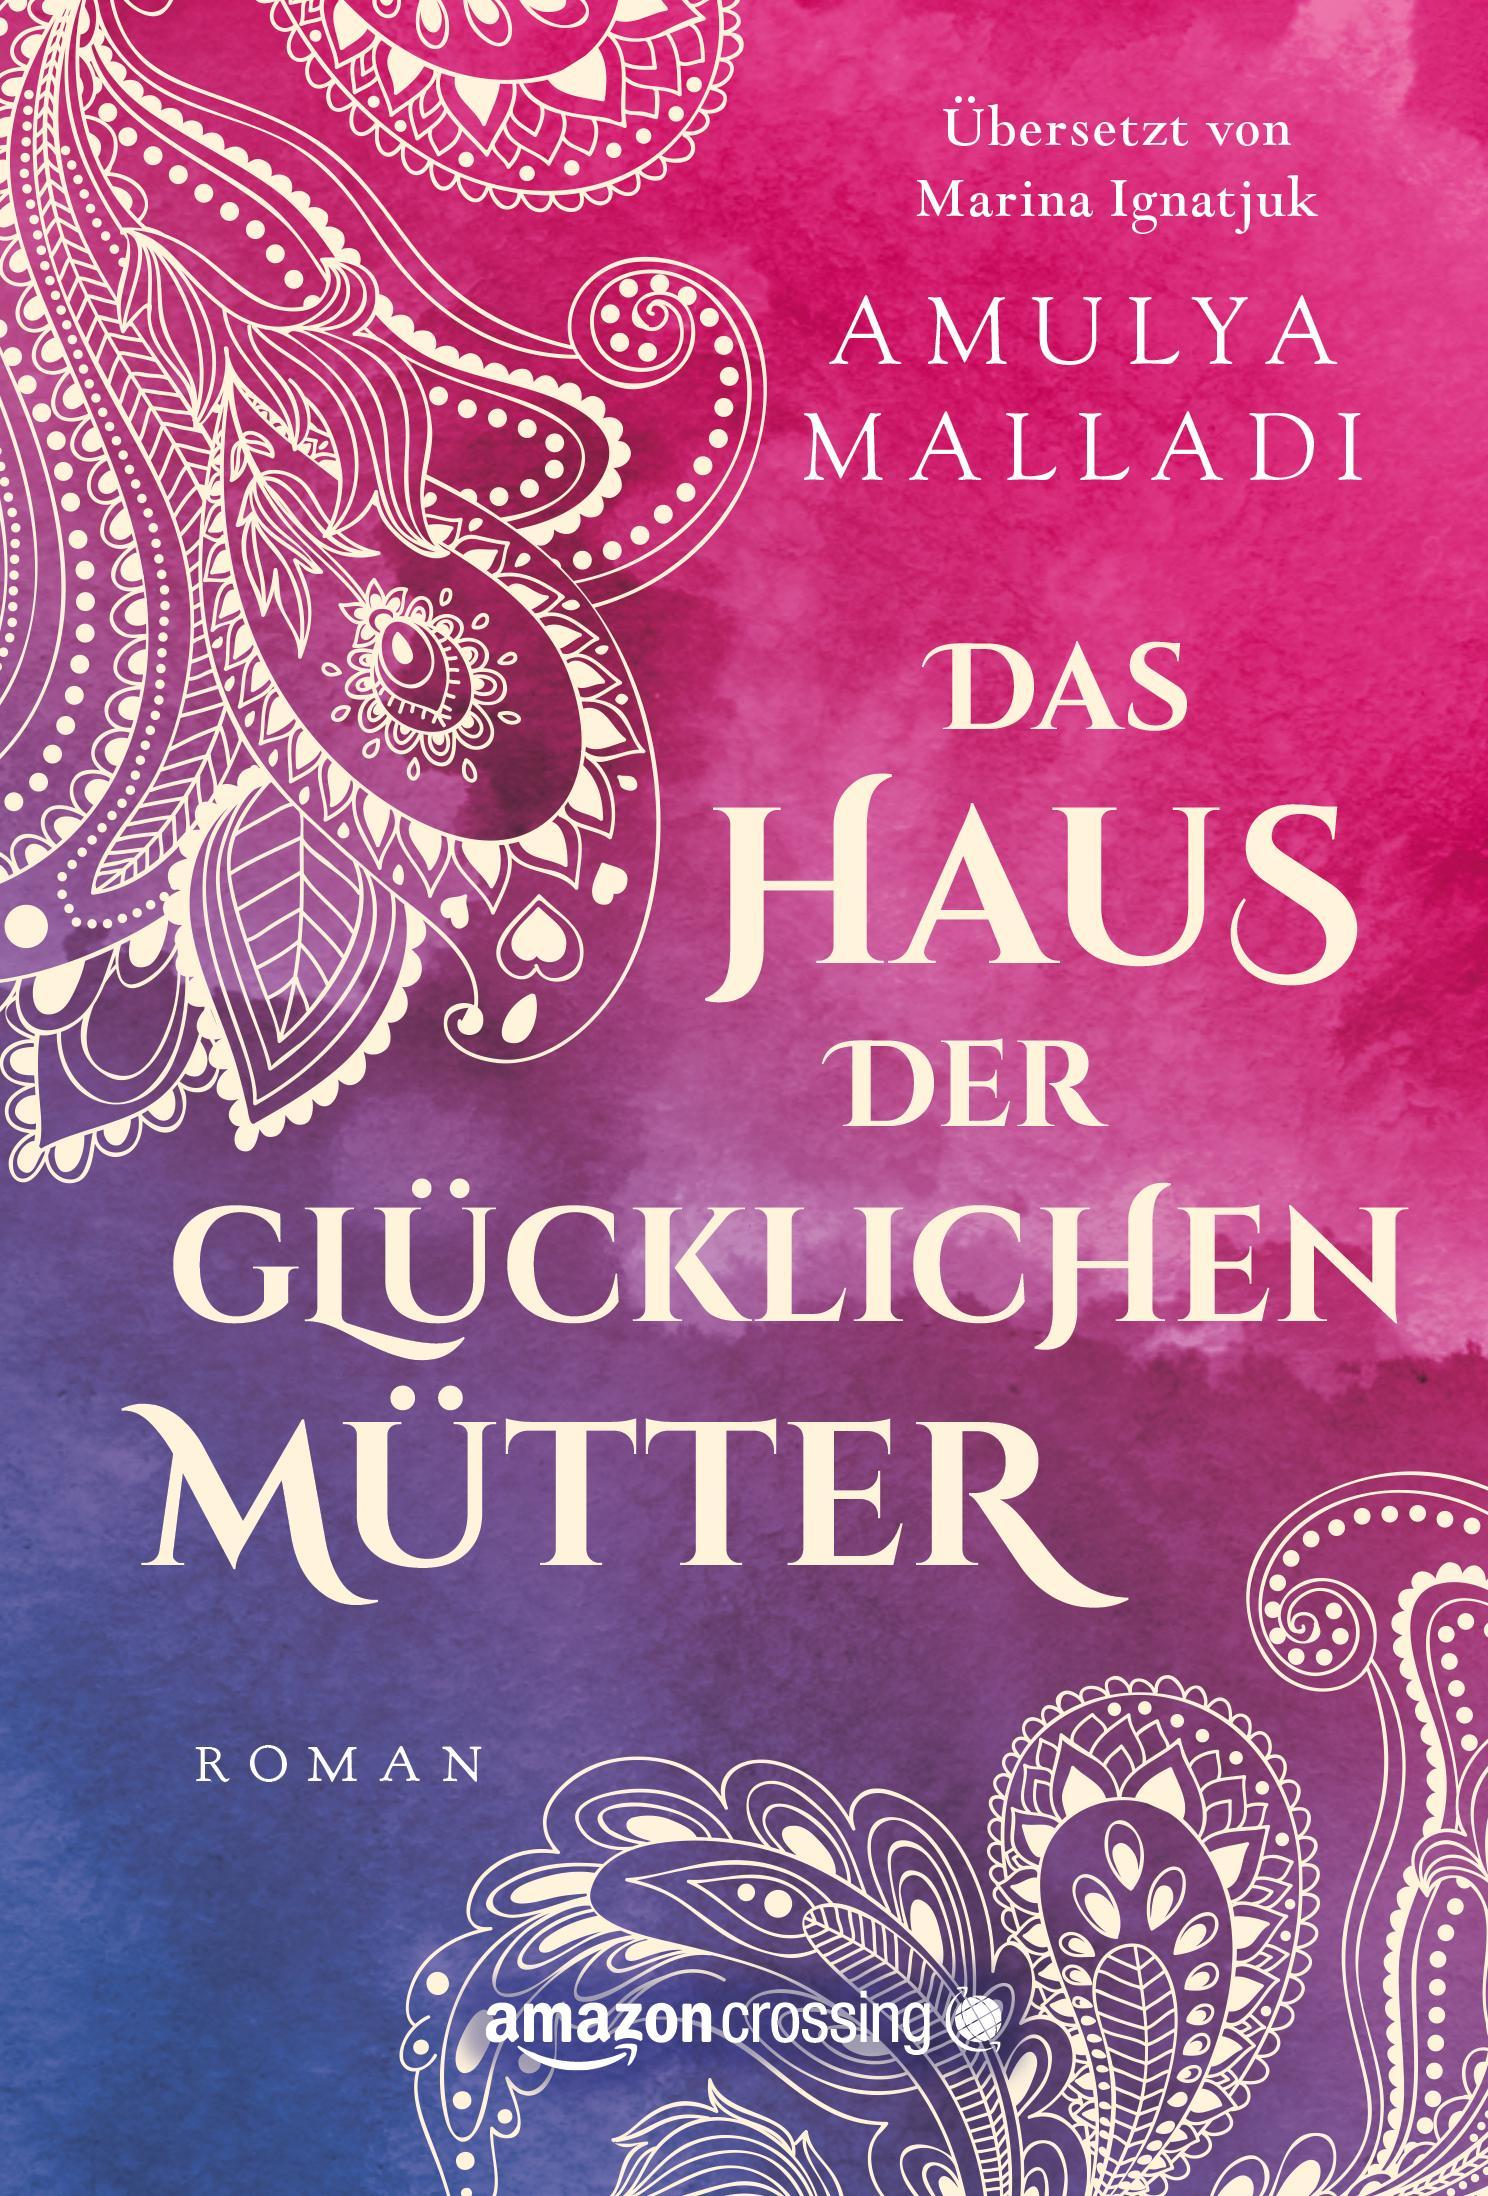 Das Haus der Glücklichen Mütter eBook: Amulya Malladi, Marina ...